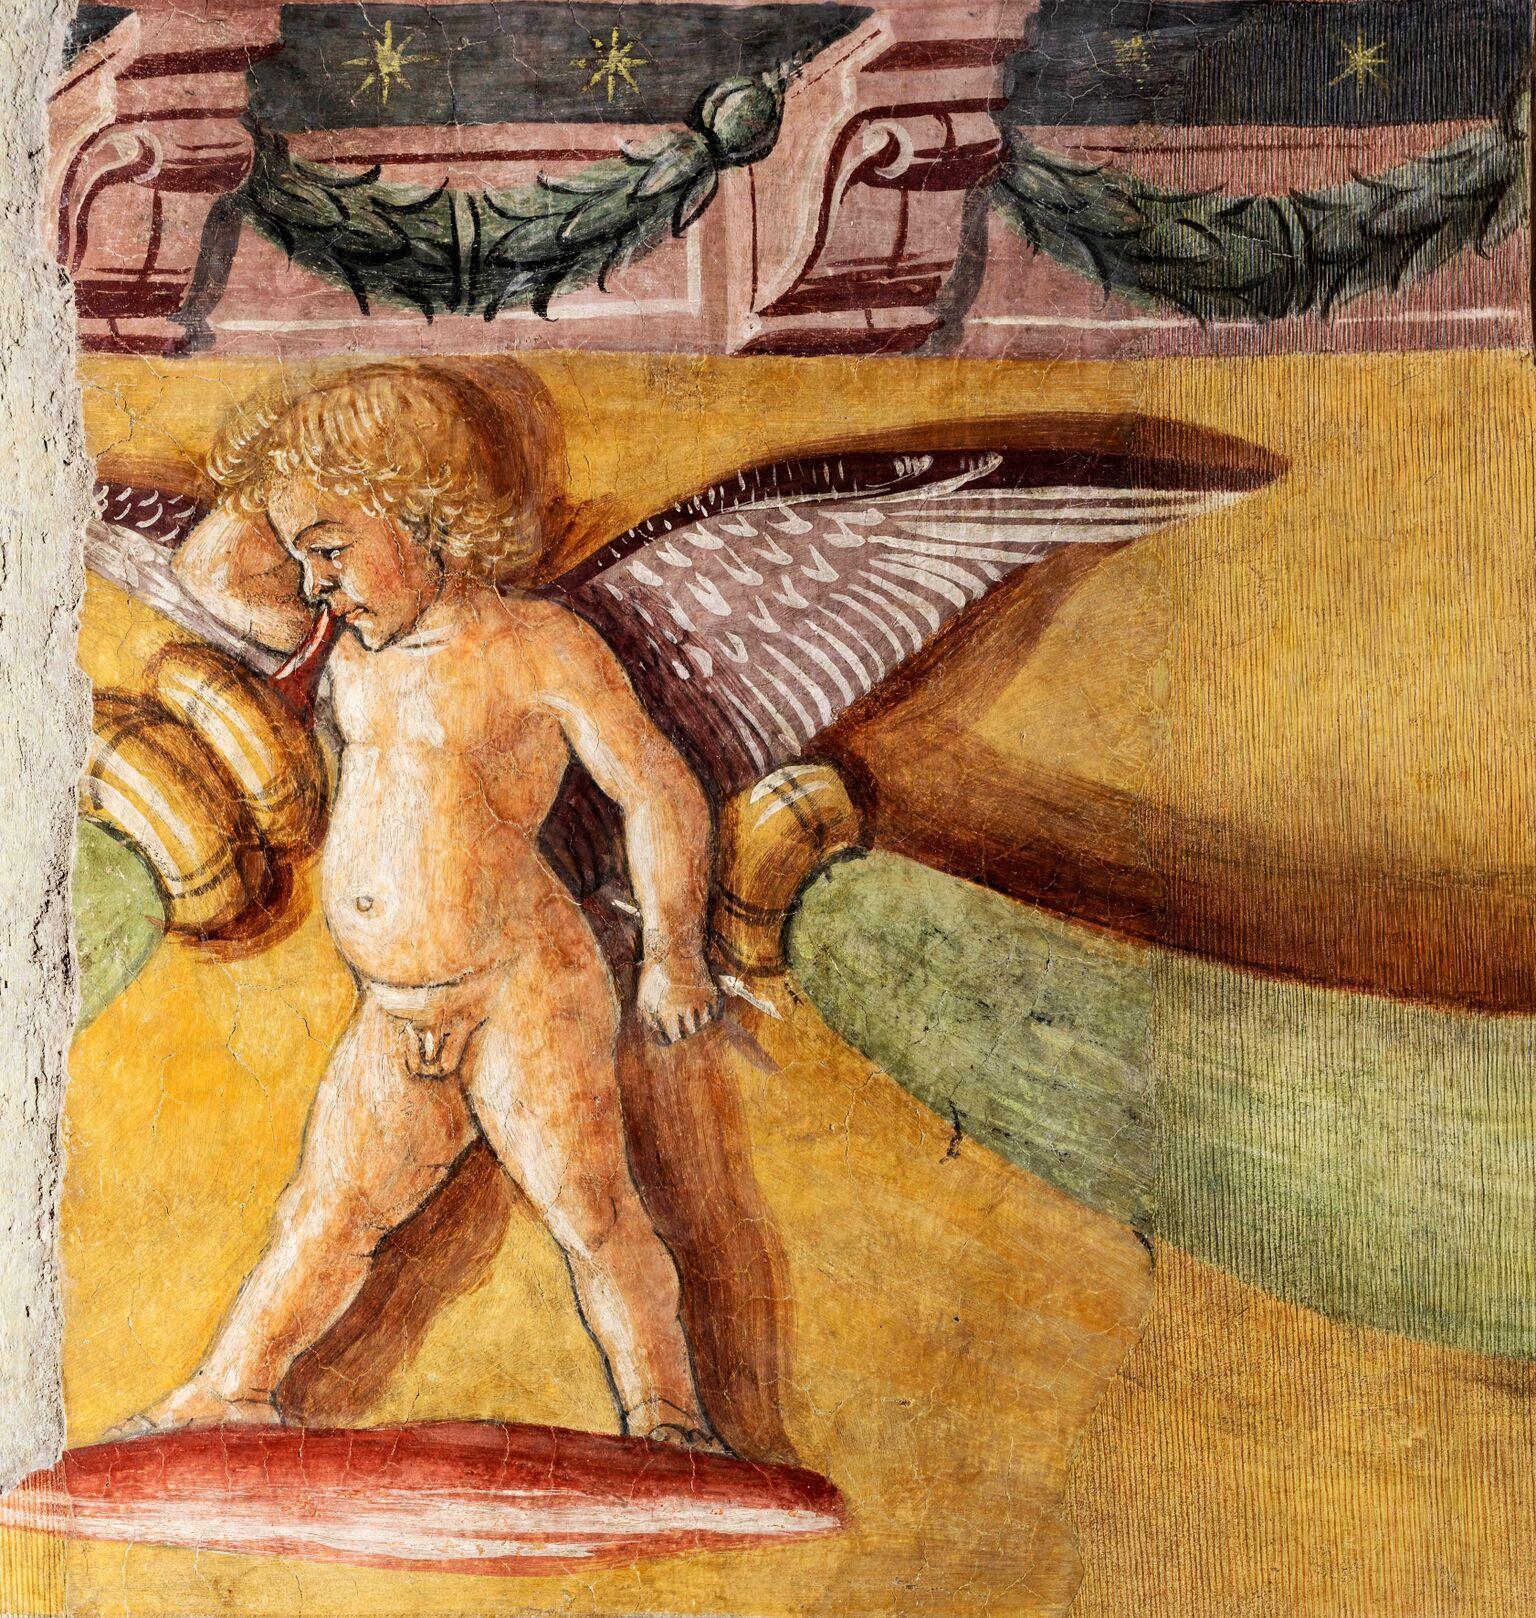 Sala di Ercole, Palazzo Venezia, Roma dettaglio del fregio con un putto